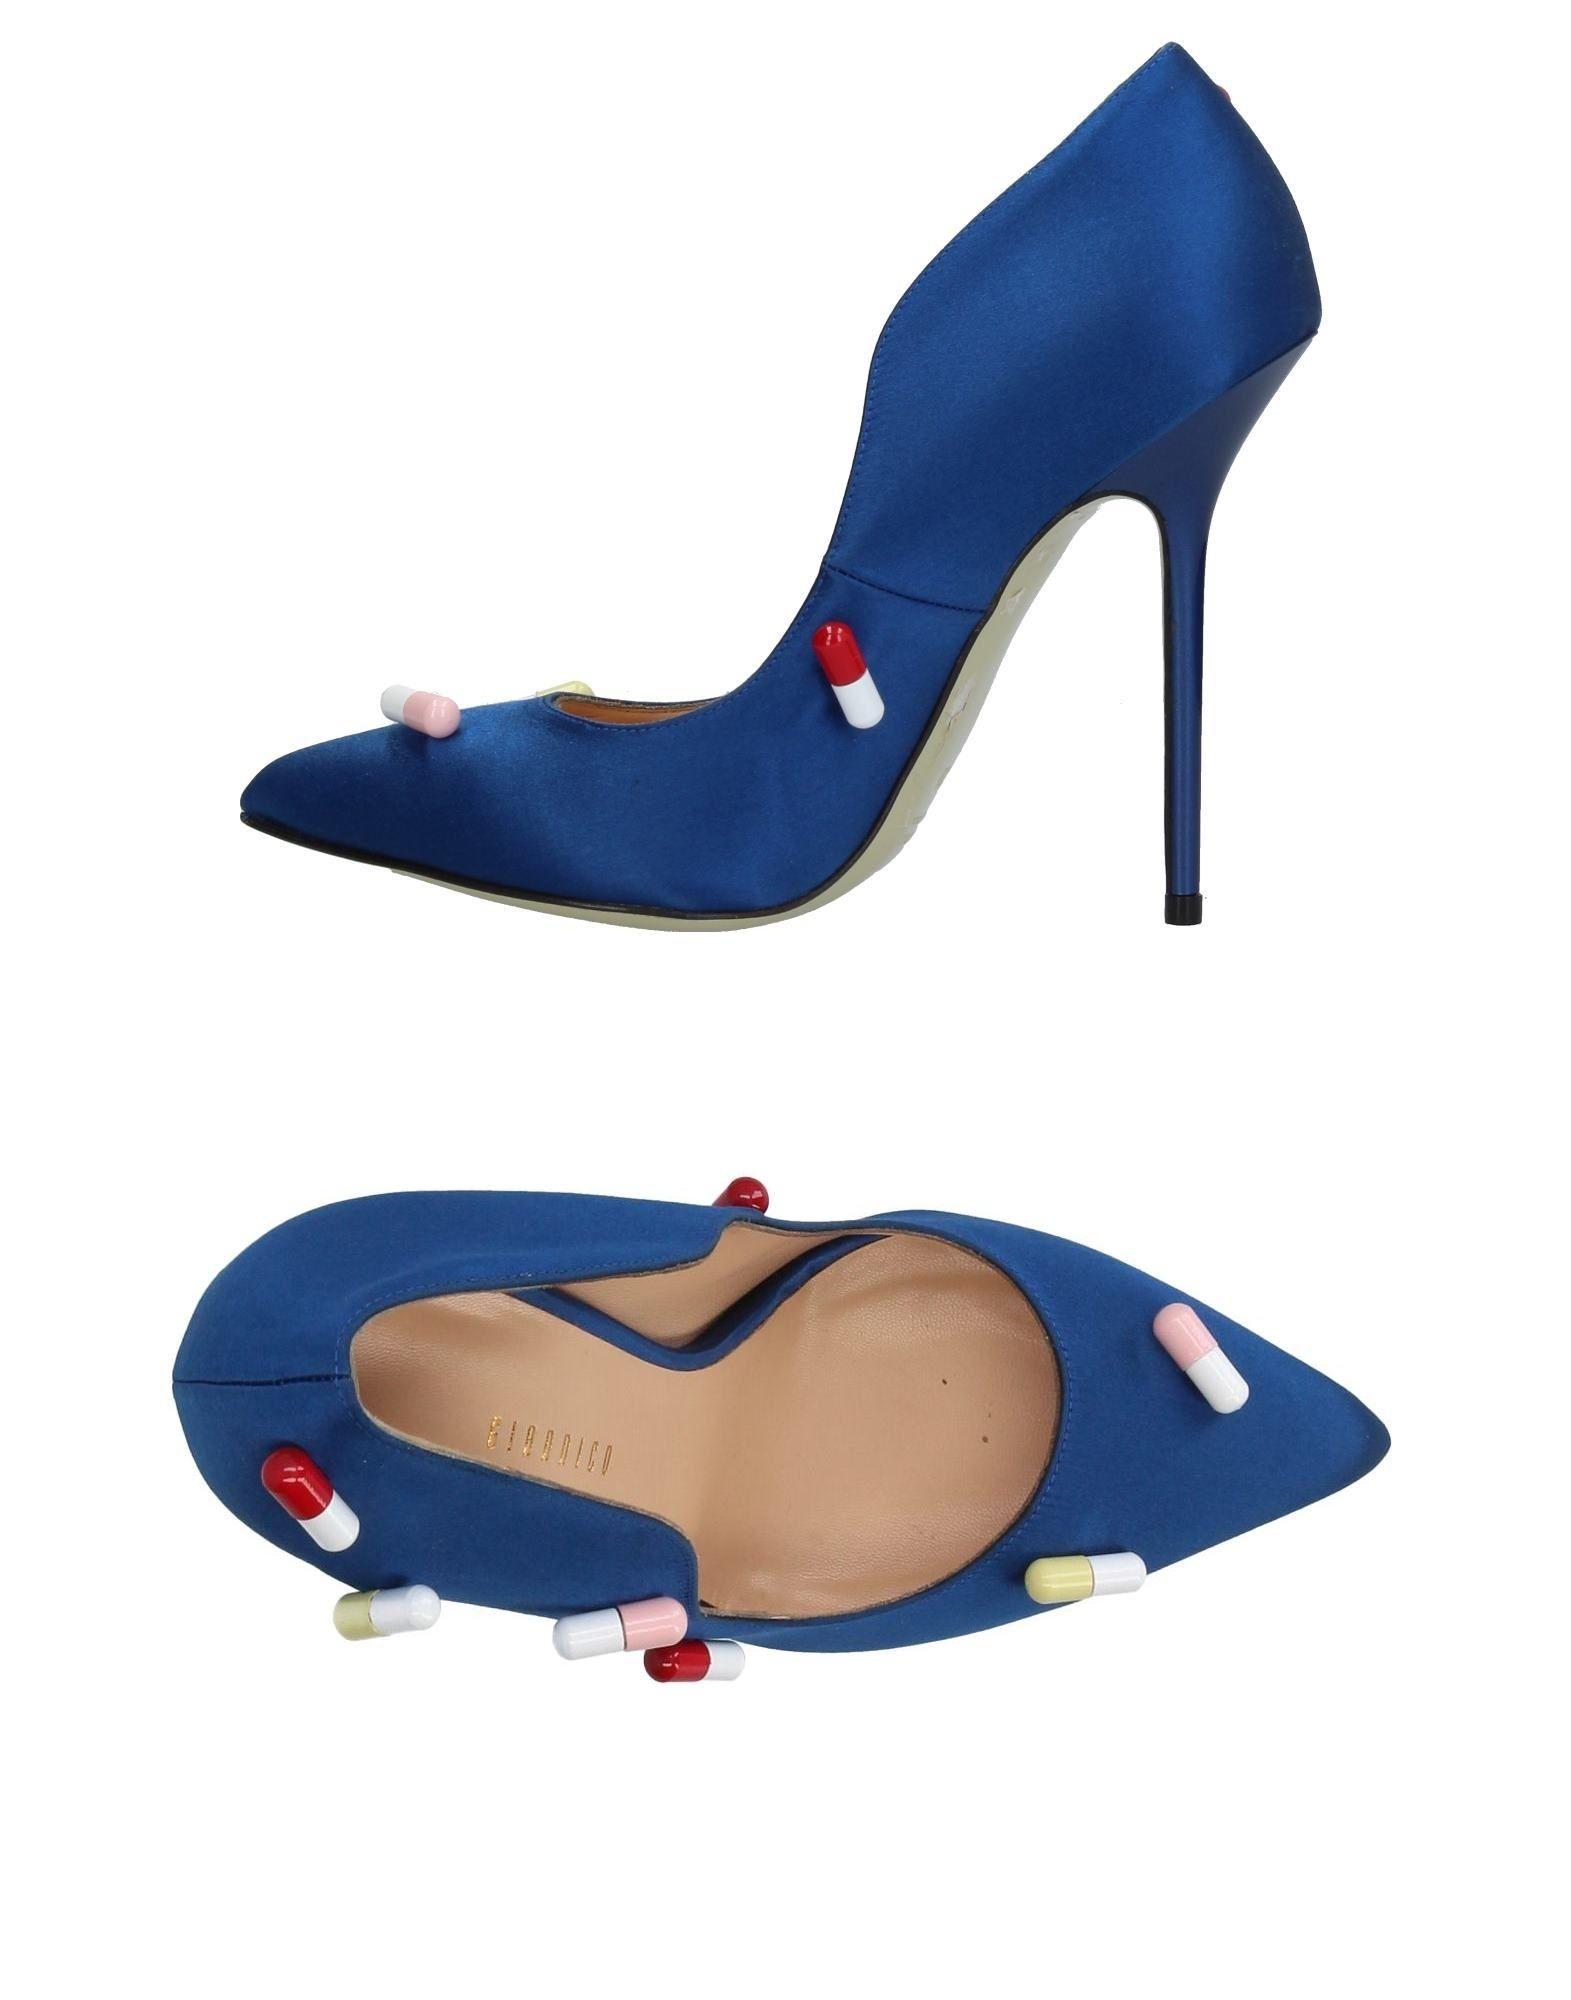 GIANNICO Damen Pumps Farbe Blau Größe 5 - broschei